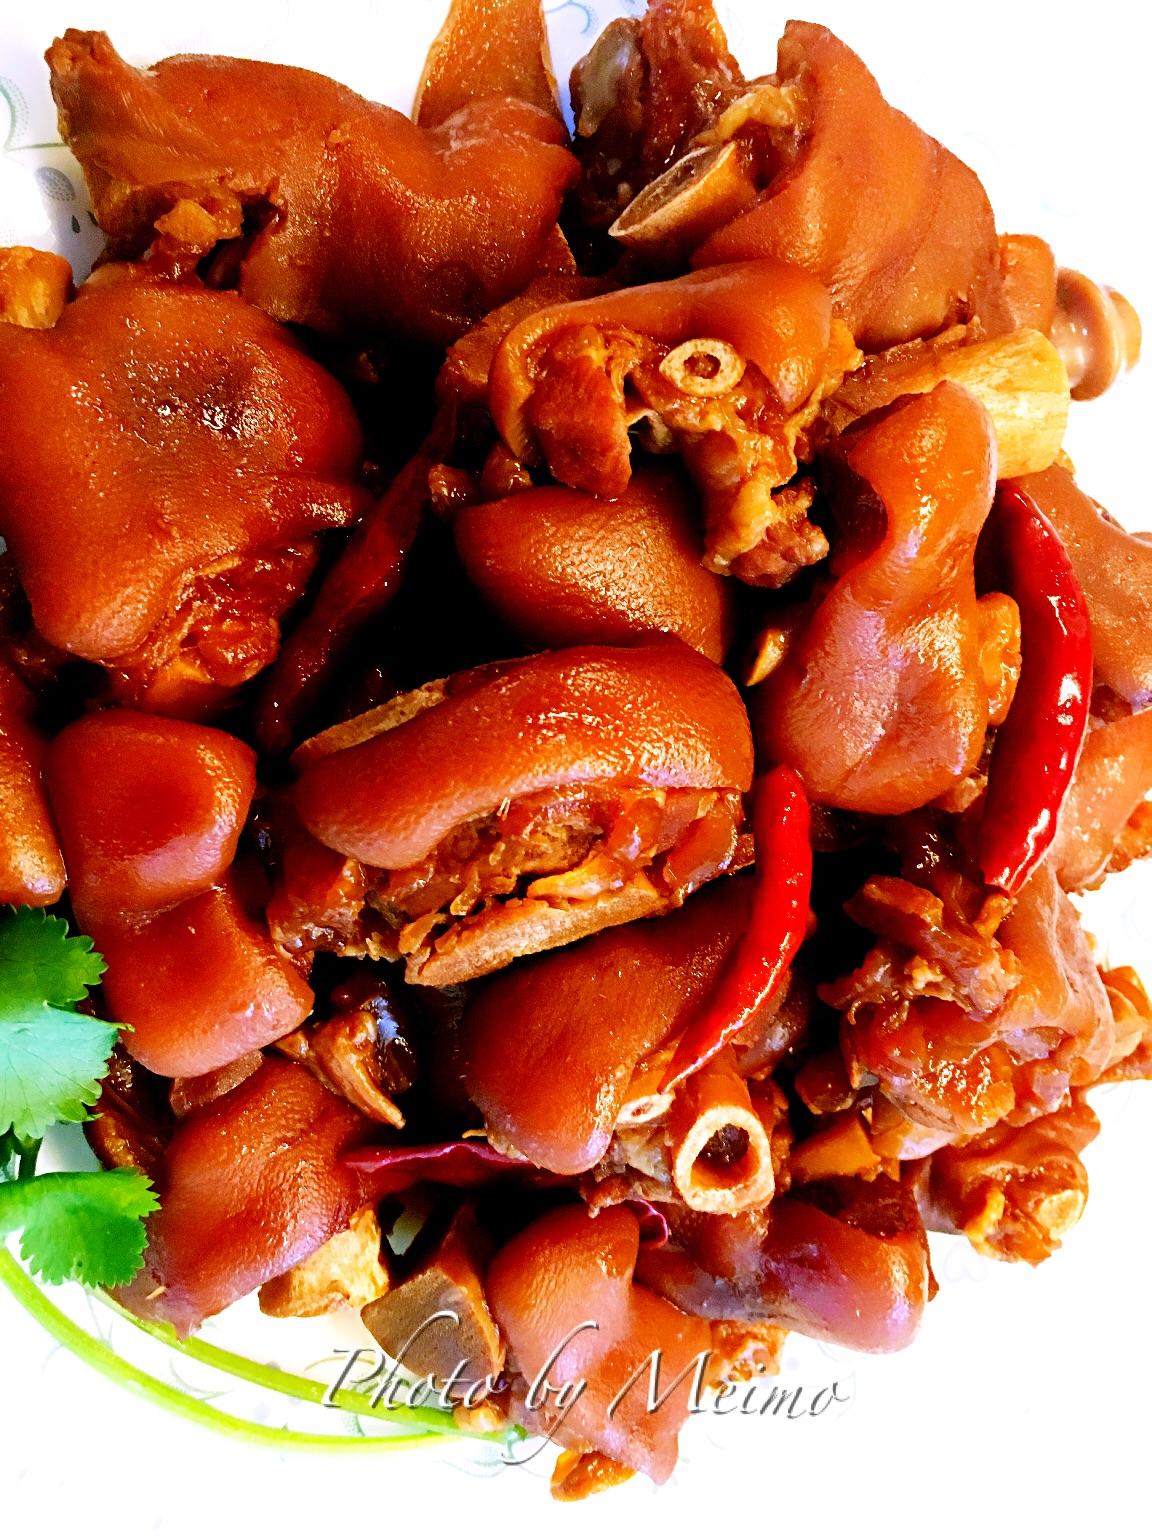 辣卤猪脚的做法_【图解】辣卤猪脚怎么做如何做好吃